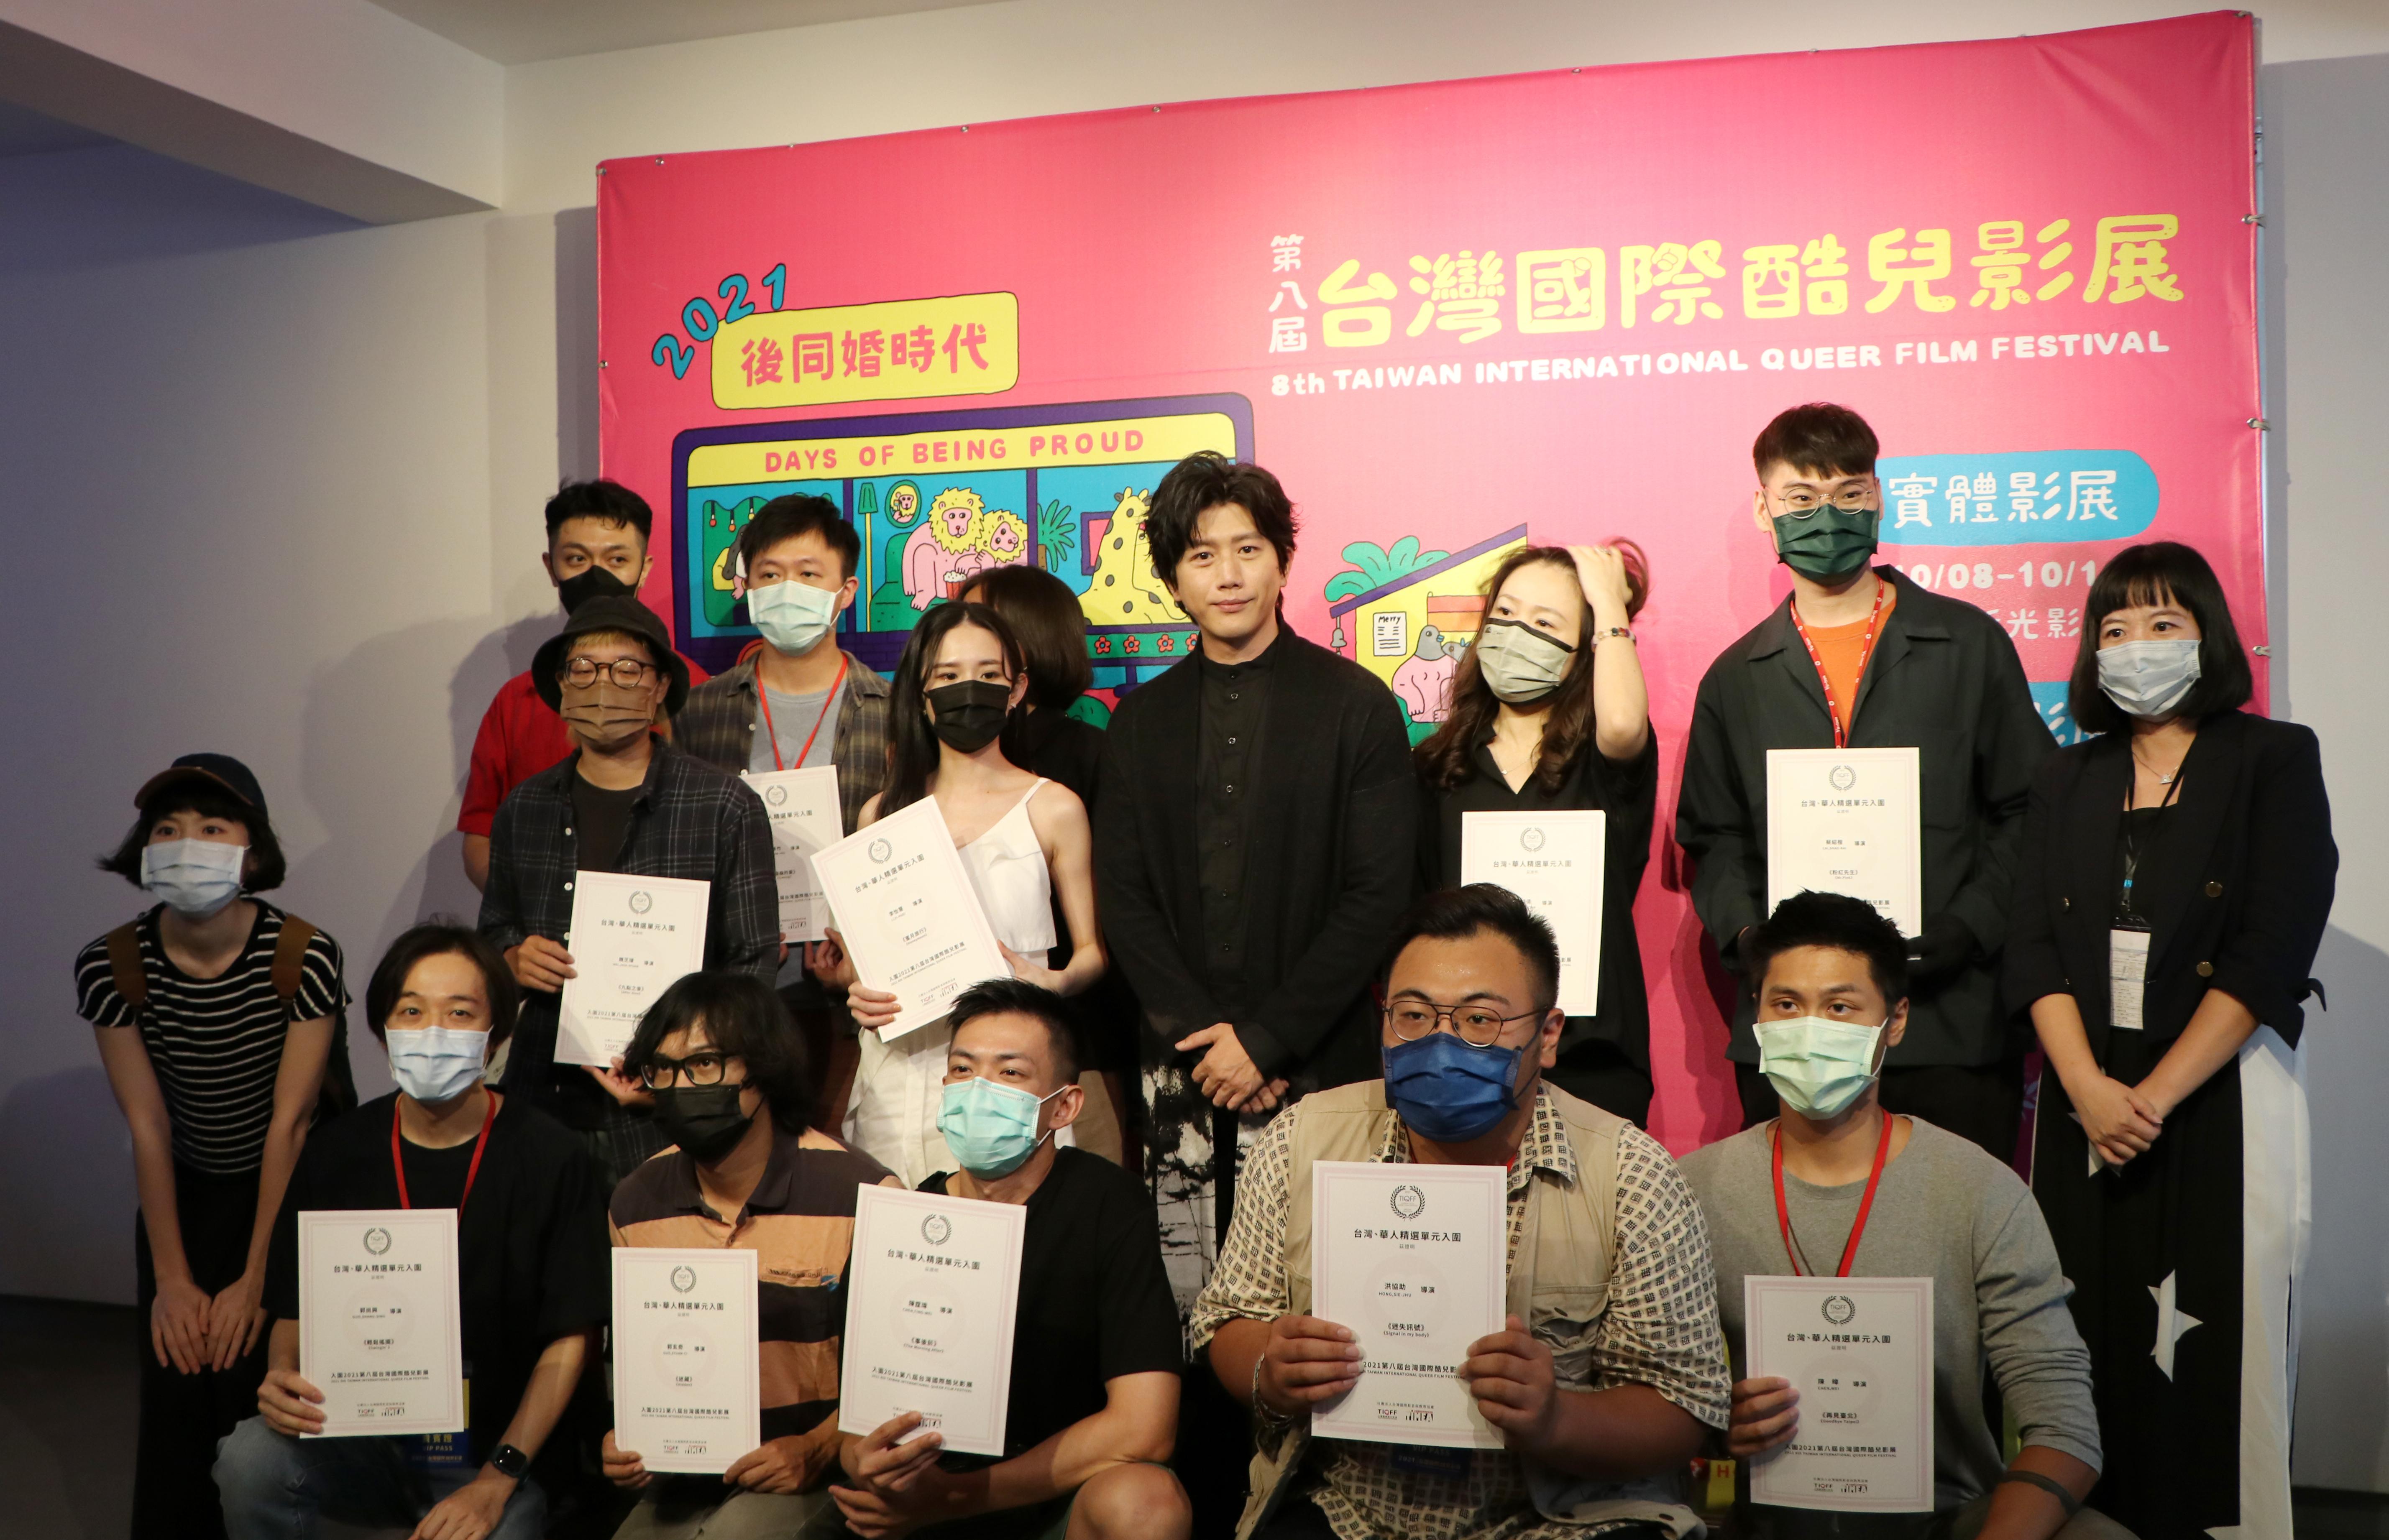 來自20個國家,50多部酷兒影片,2021台灣國際酷兒影展線上線下即將精彩開演